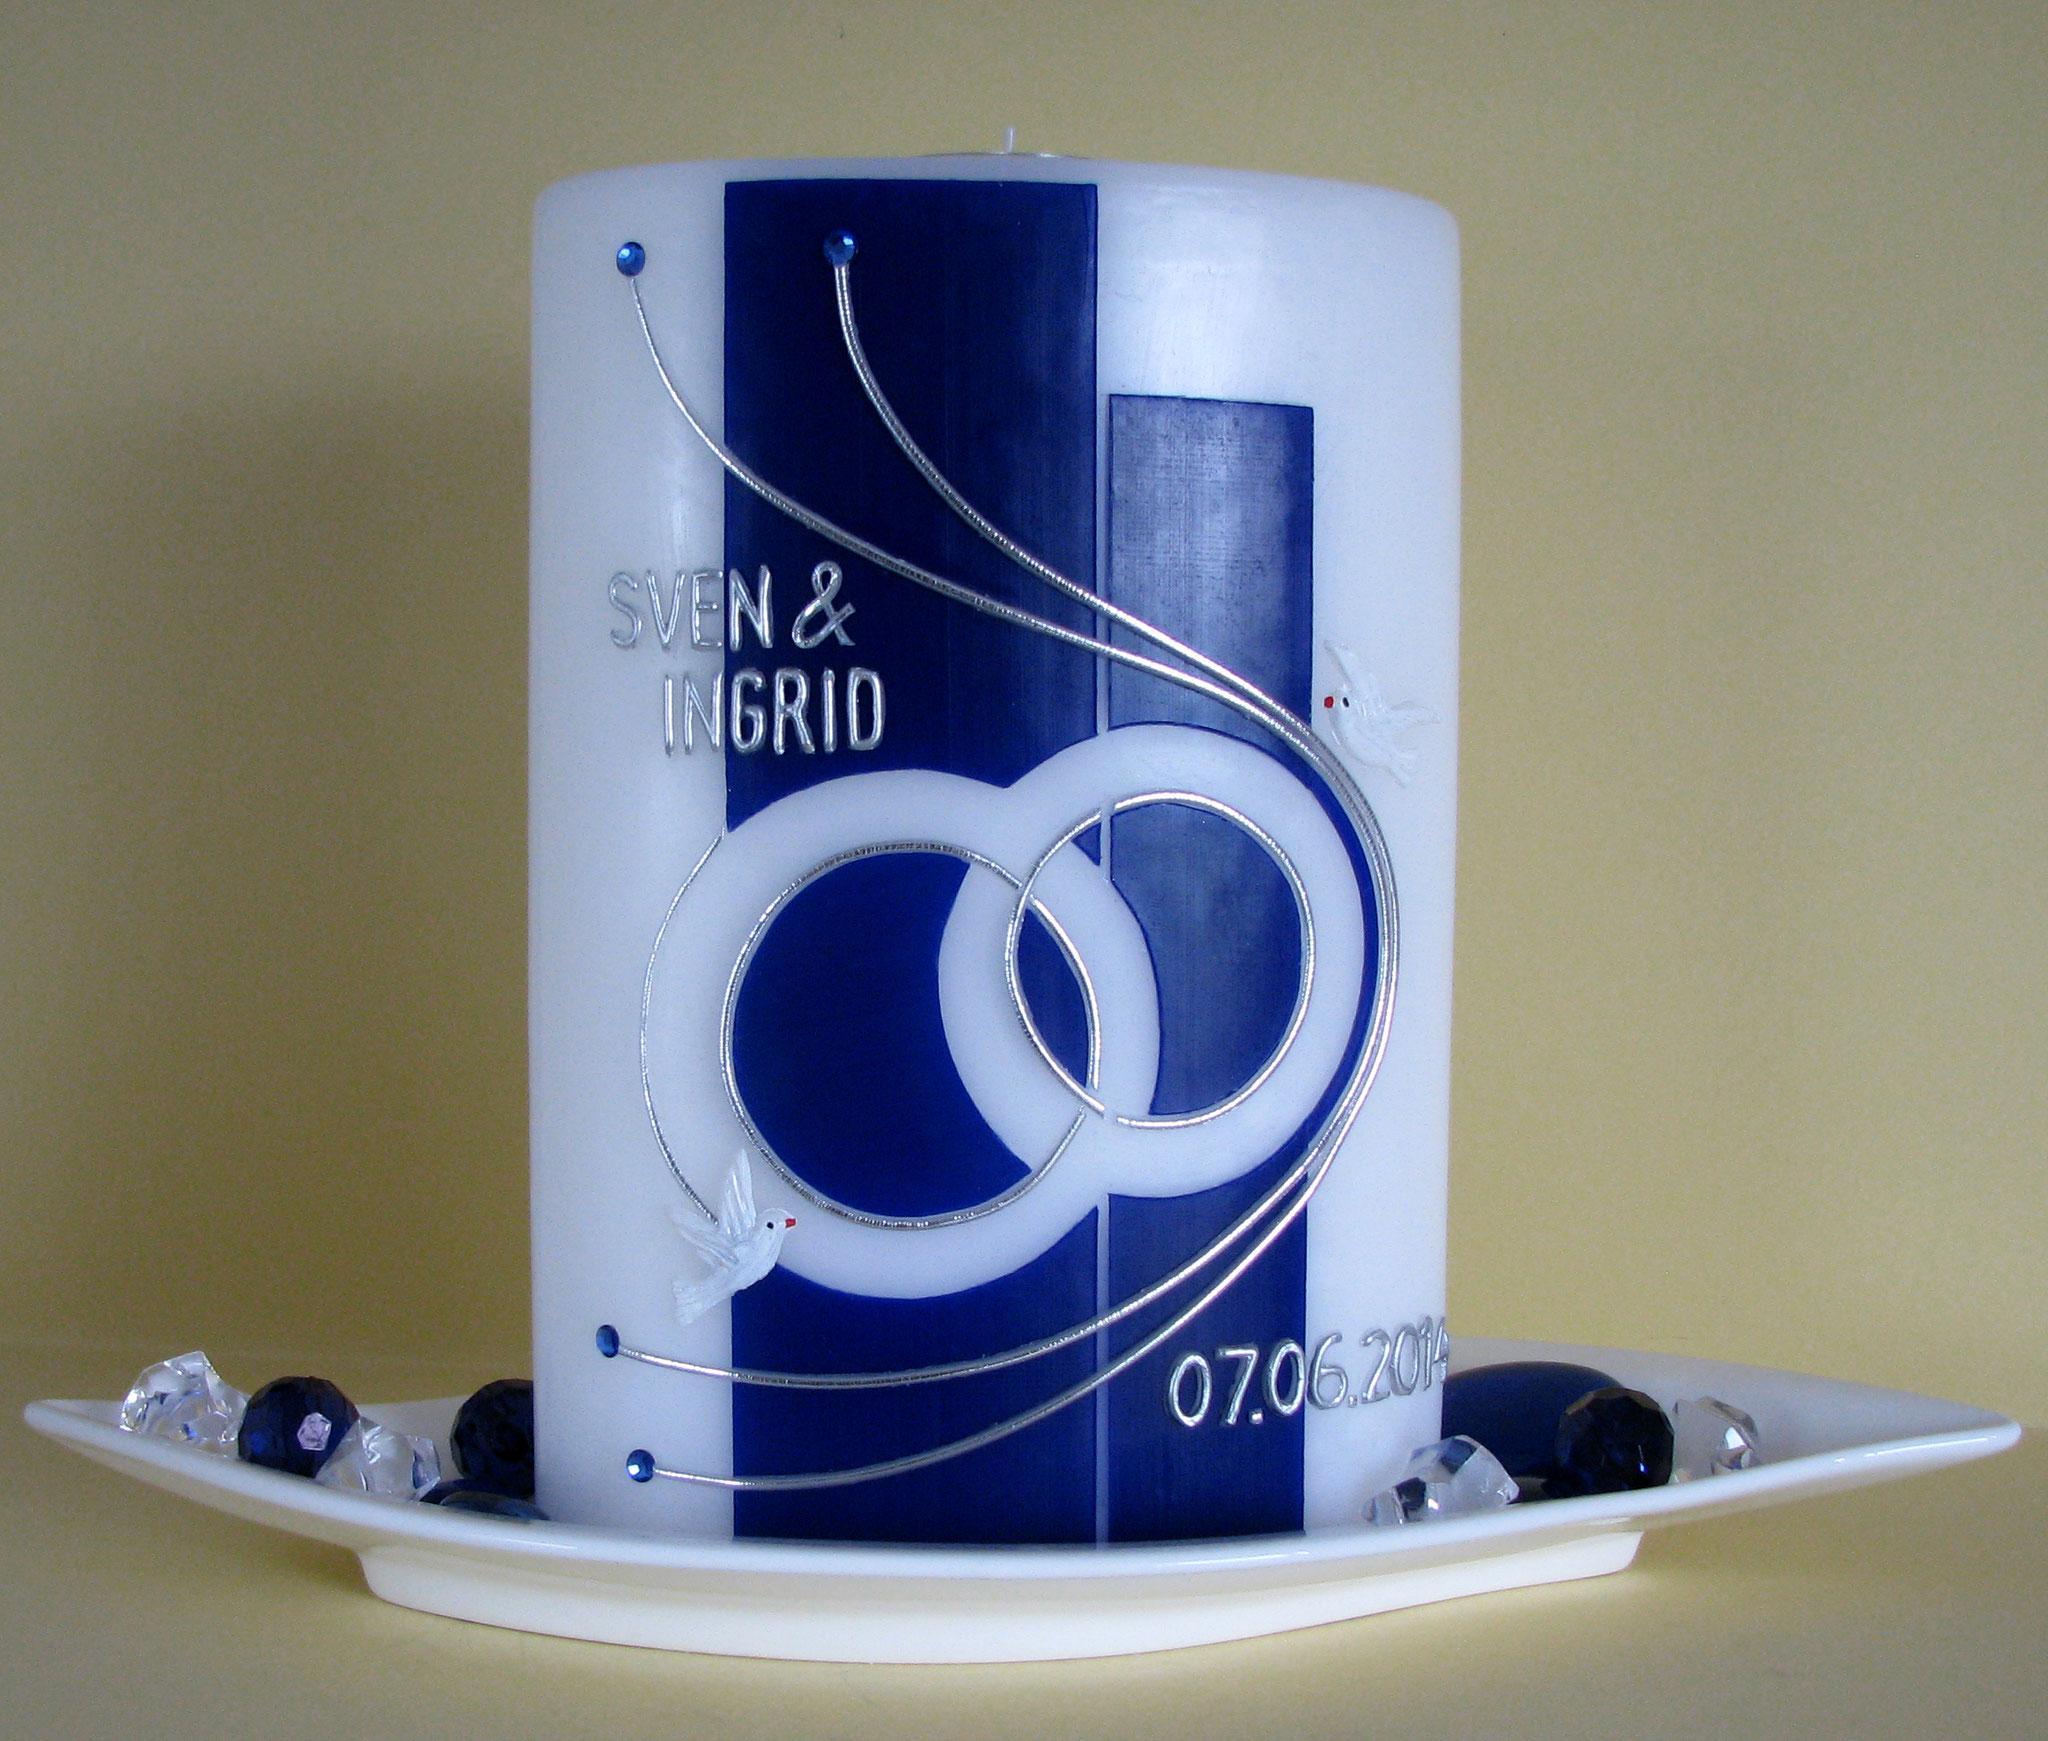 HO-2022, oval, HxB ca. 19 cm x 13,5 cm, Preis ca. € 51,--